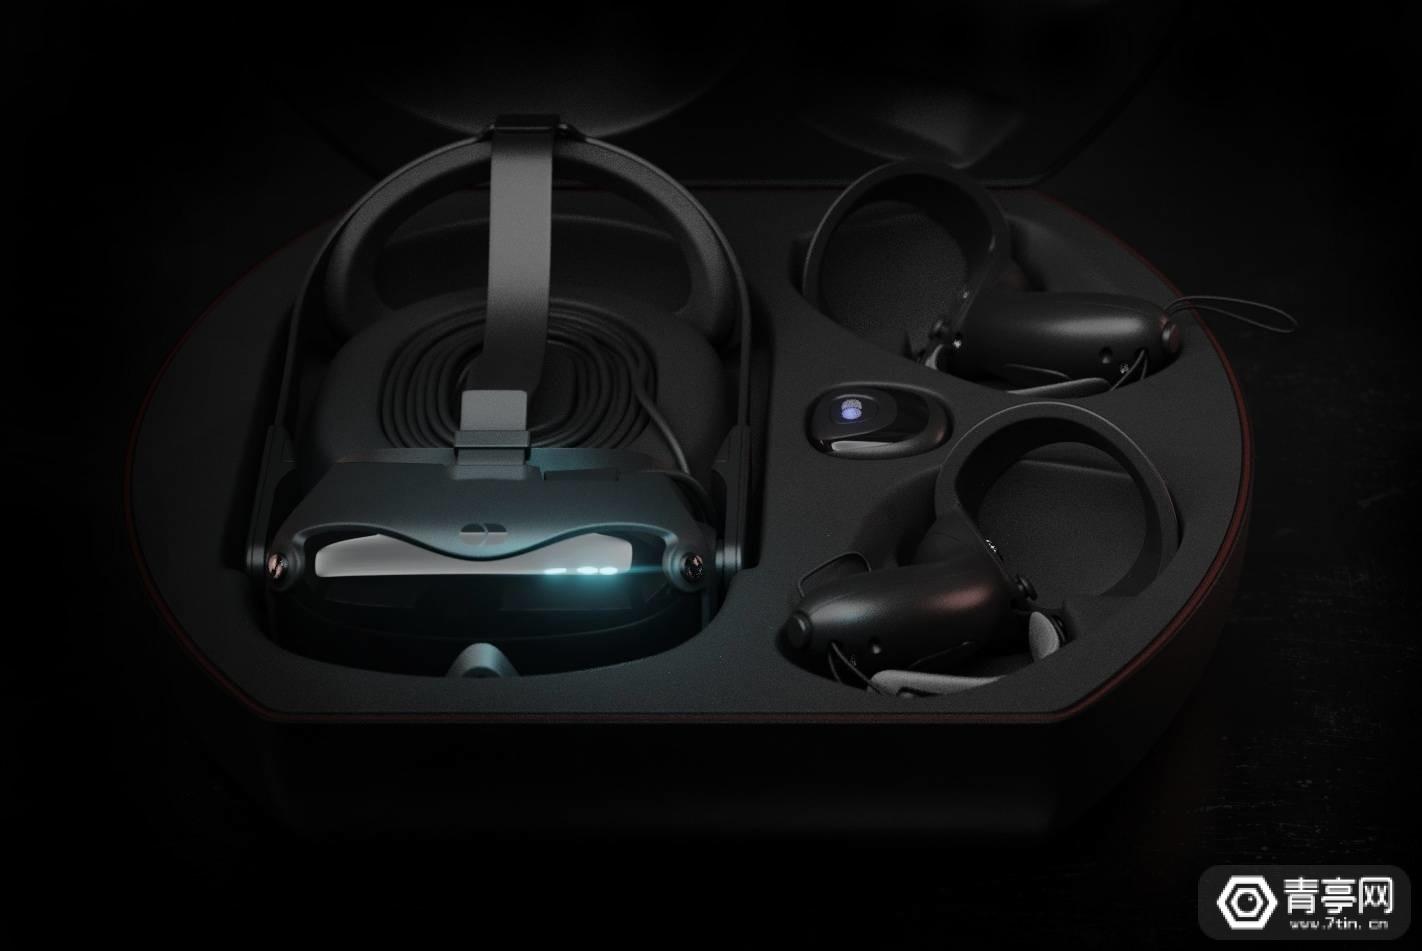 主打面部和重定向追踪,新晋VR品牌Deca亮相